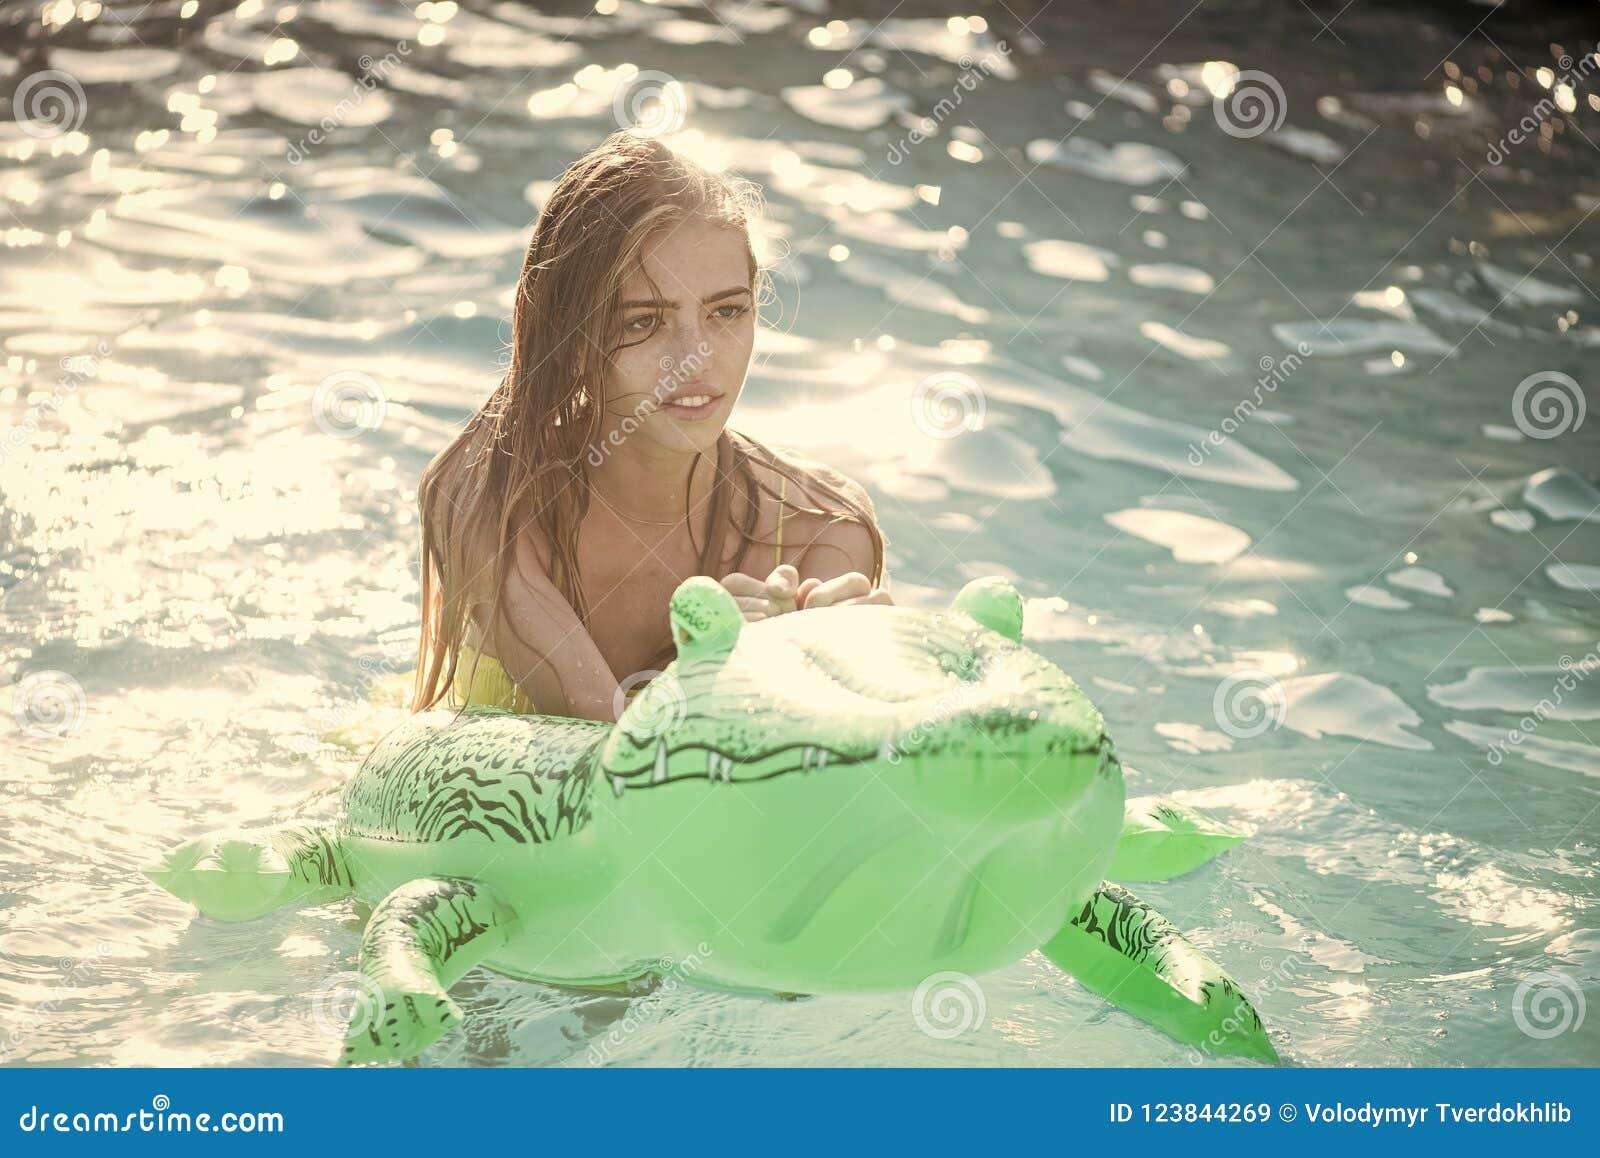 Wakacje i podróż ocean, Maldives Moda krokodyla dziewczyna w wodzie i skóra Przygody dziewczyna dalej